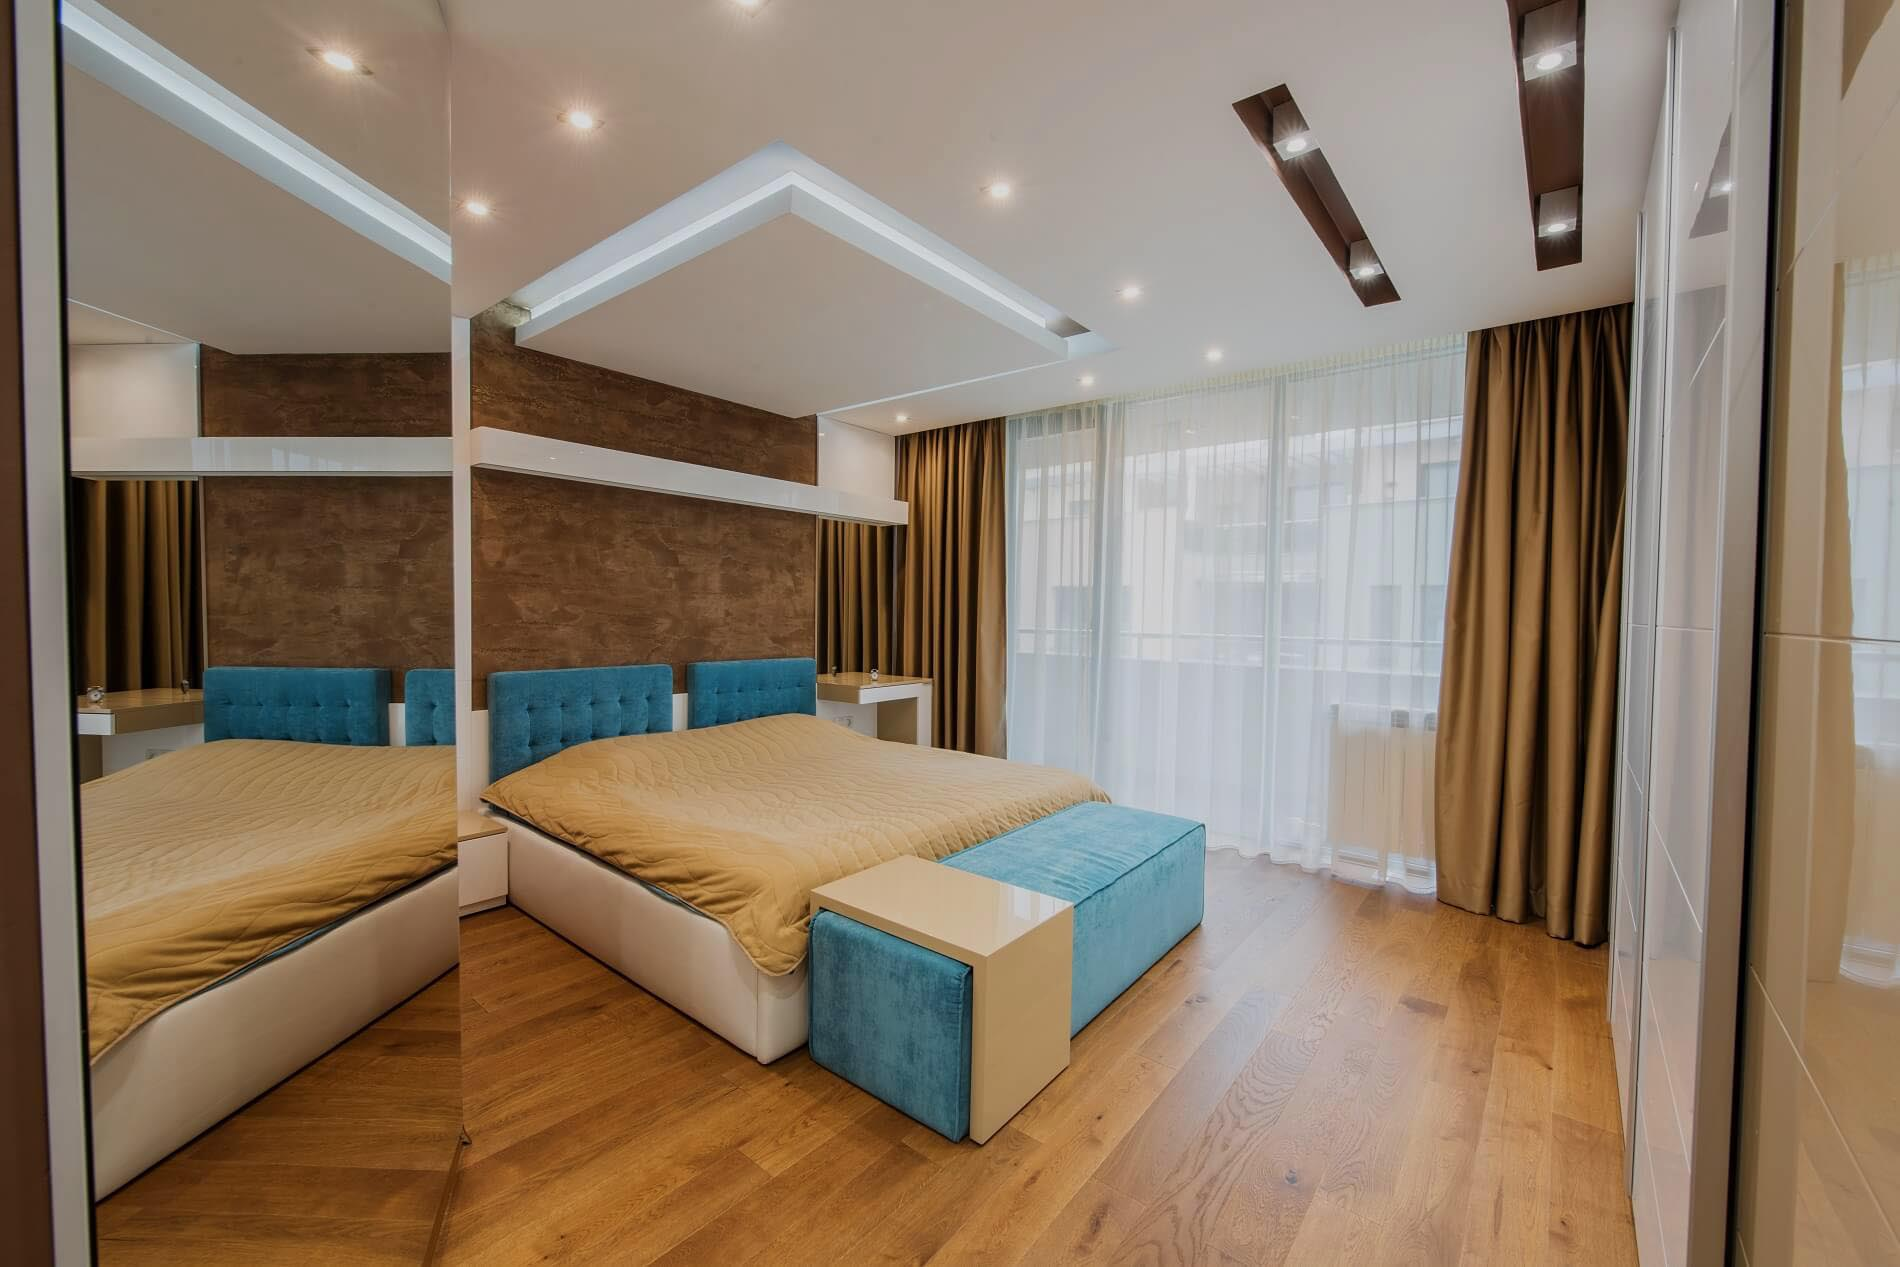 Спалня-реализация-апартамент-интериорен-дизайн-realizaciq-spalnq-unison-design-унисон-дизайн.